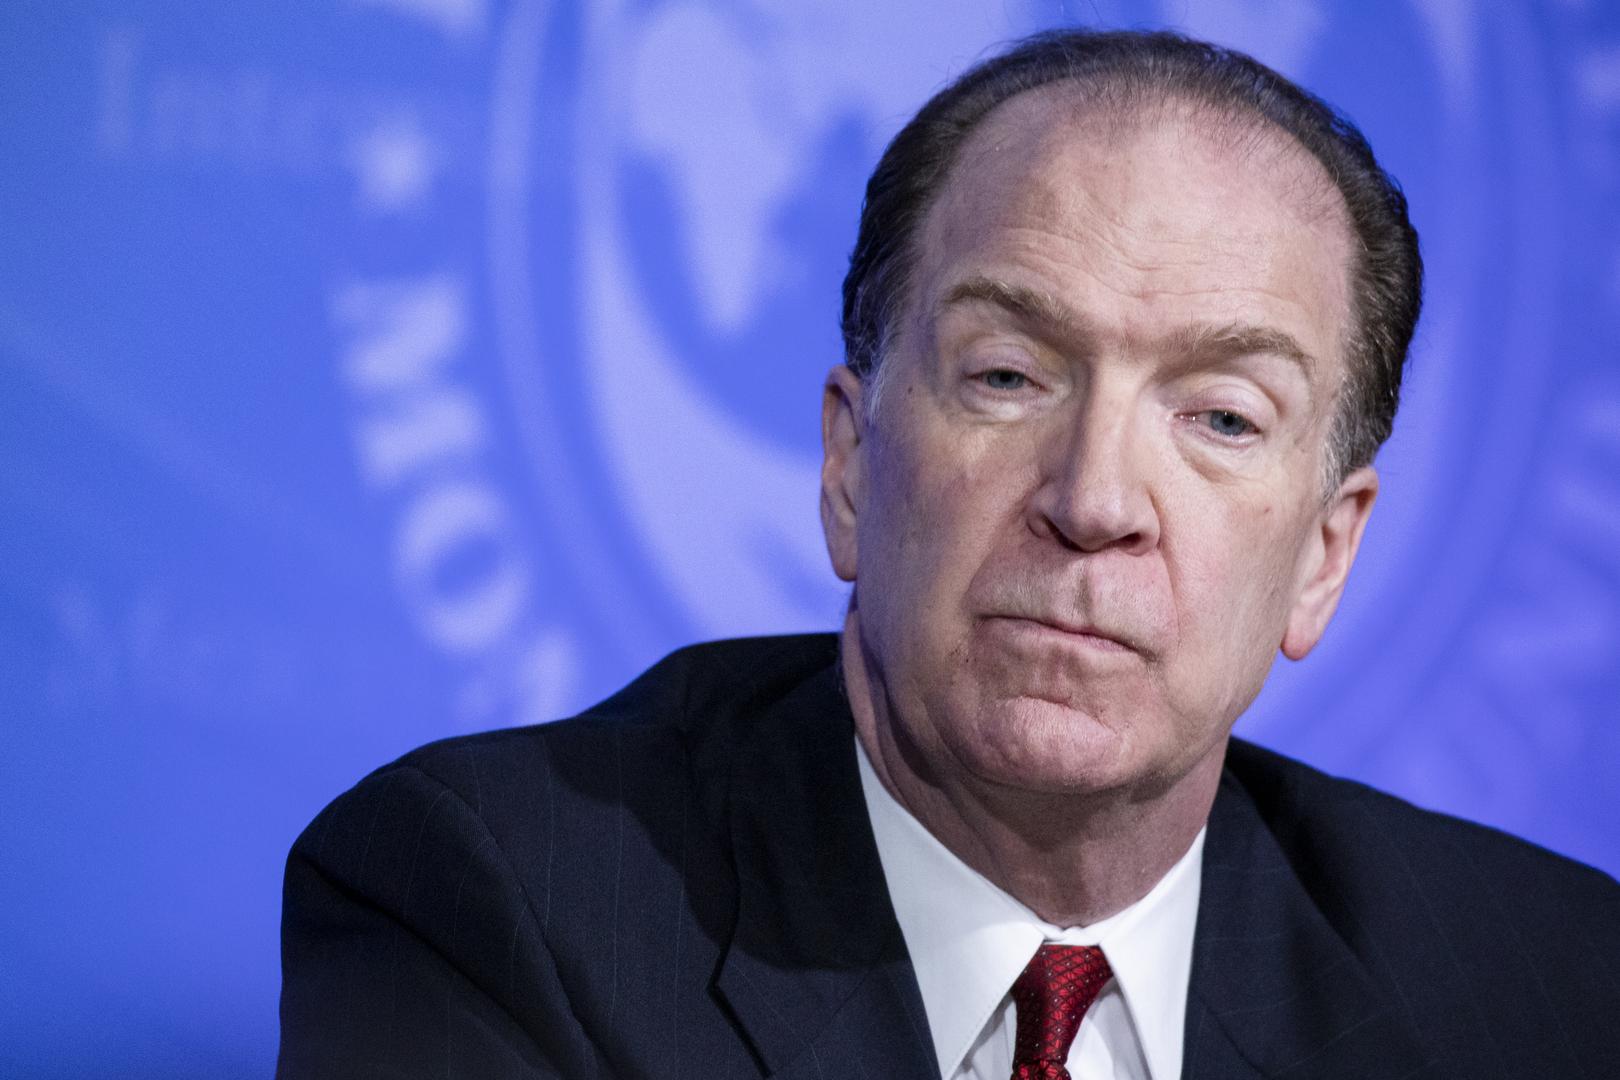 رئيس البنك الدولي يحدد موعدا للتعافي الاقتصادي من كورونا